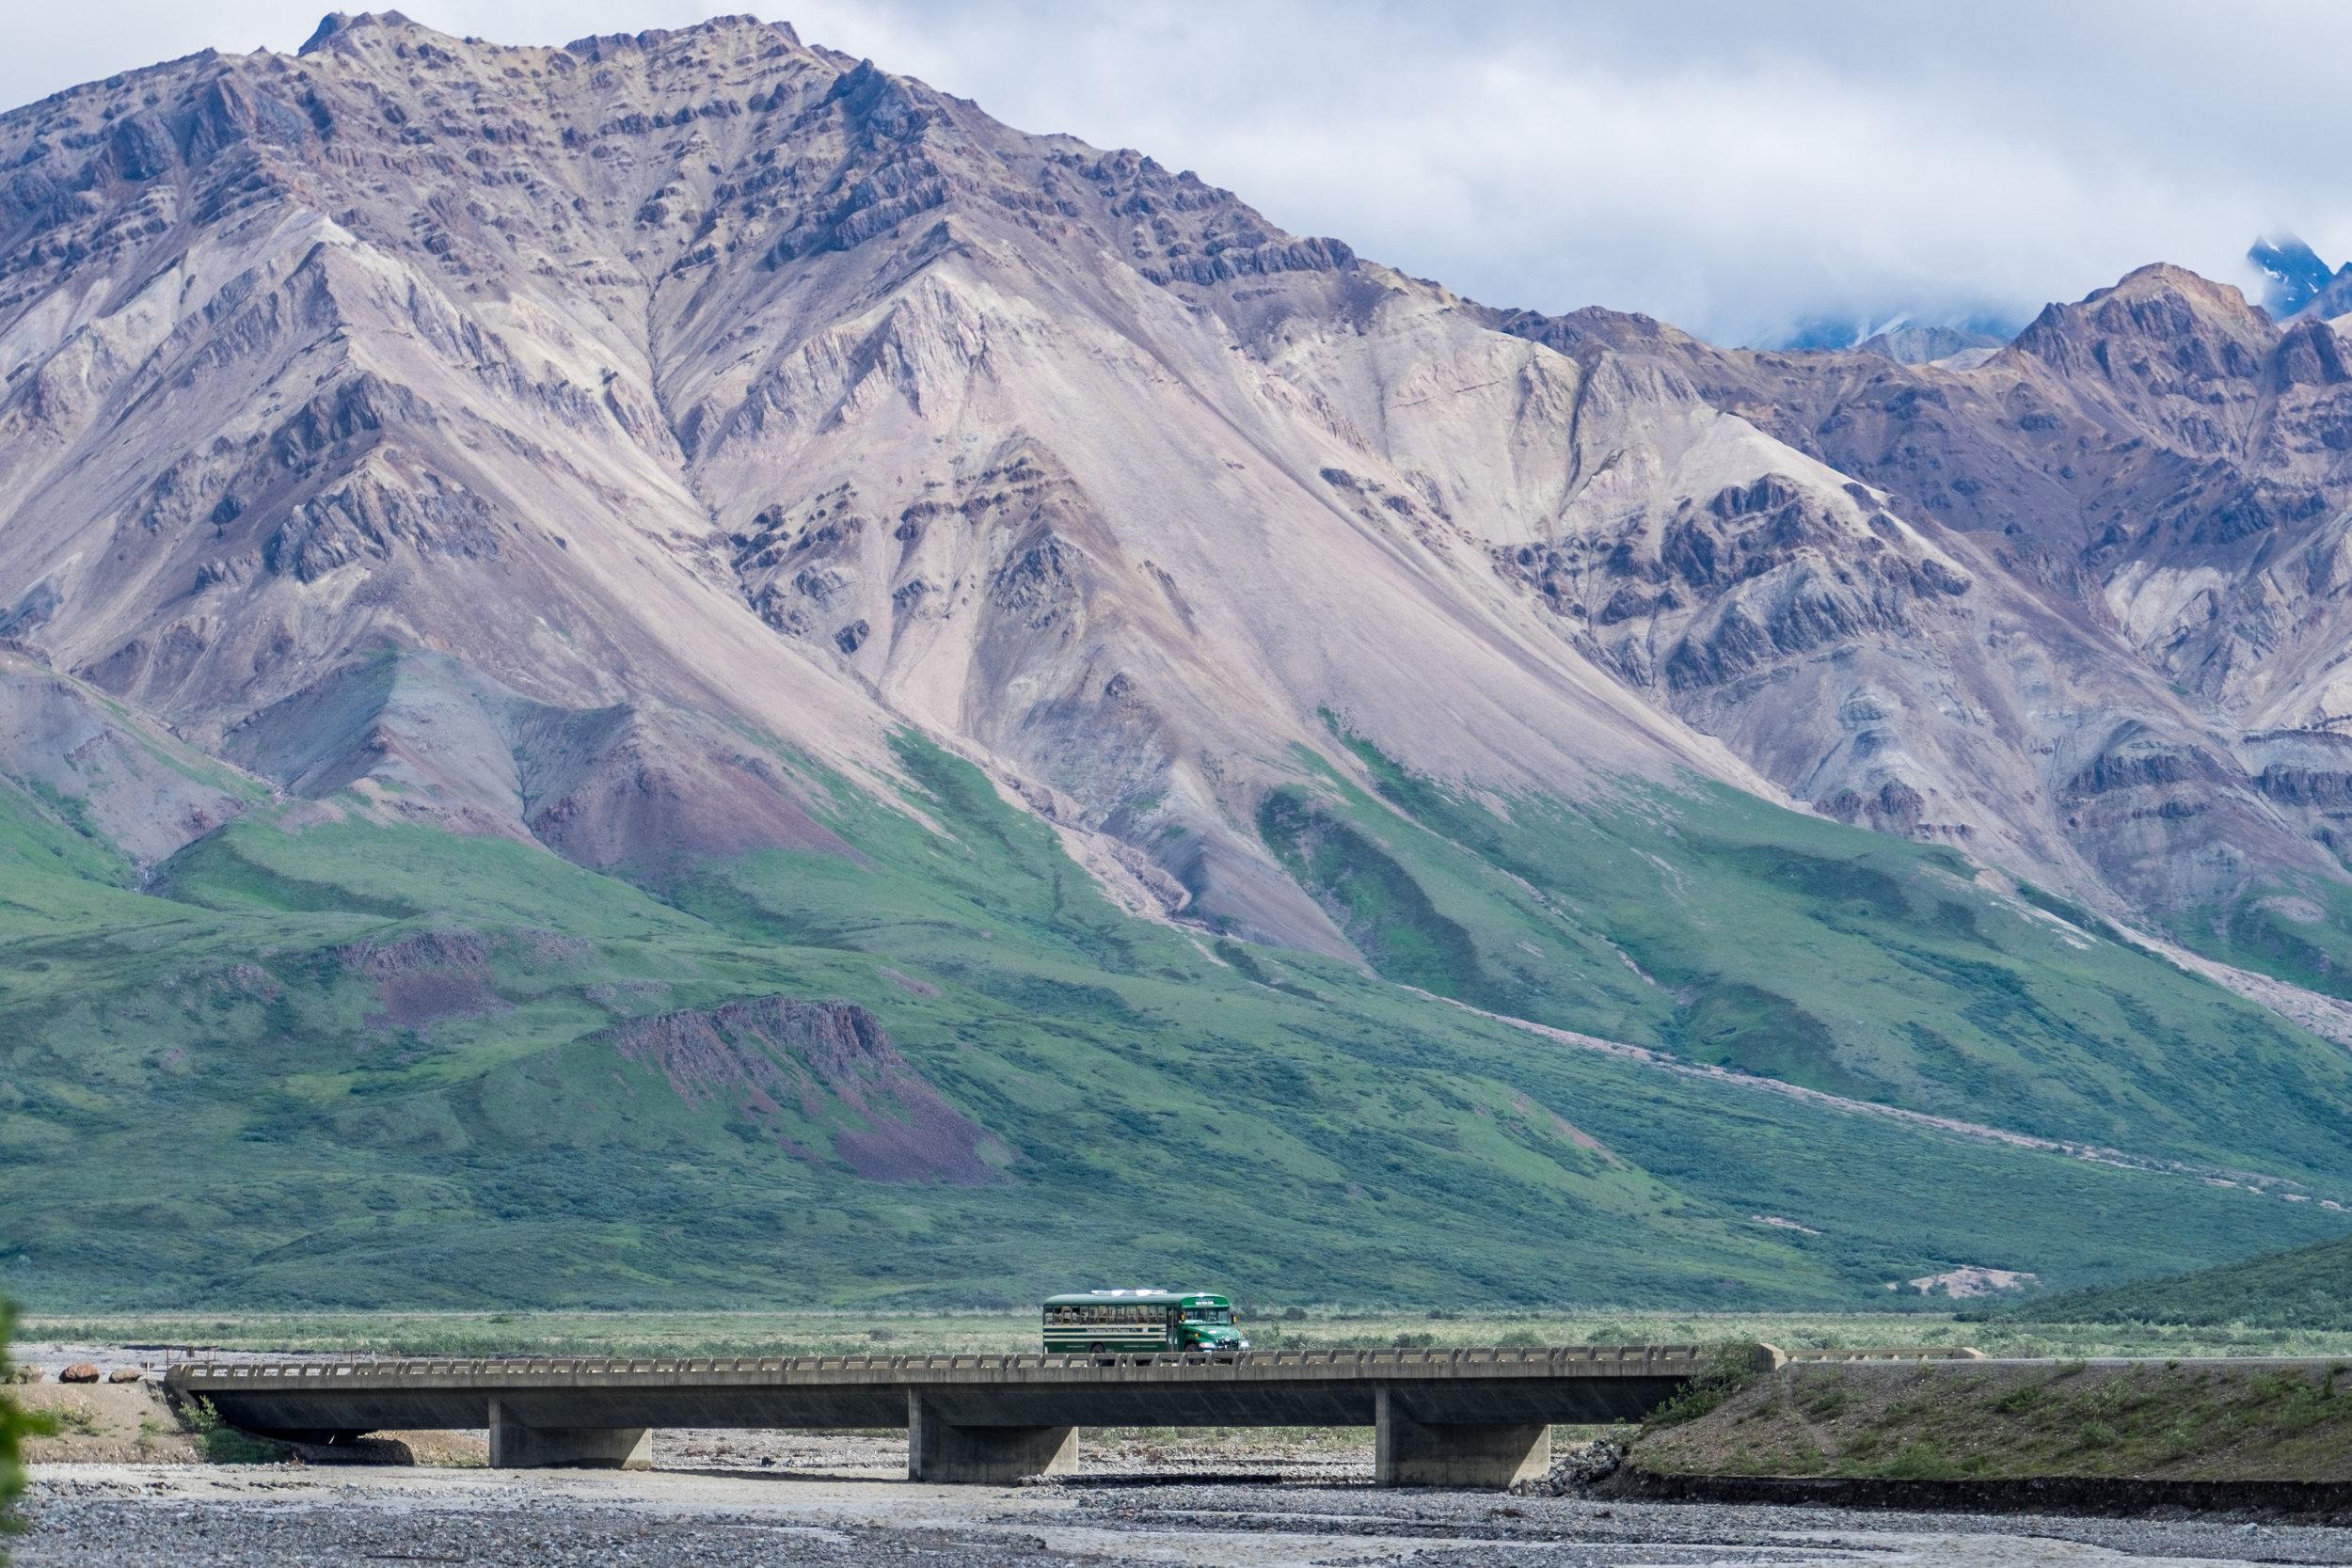 20160705-JI-Denali National Park-_DSF4568.jpg